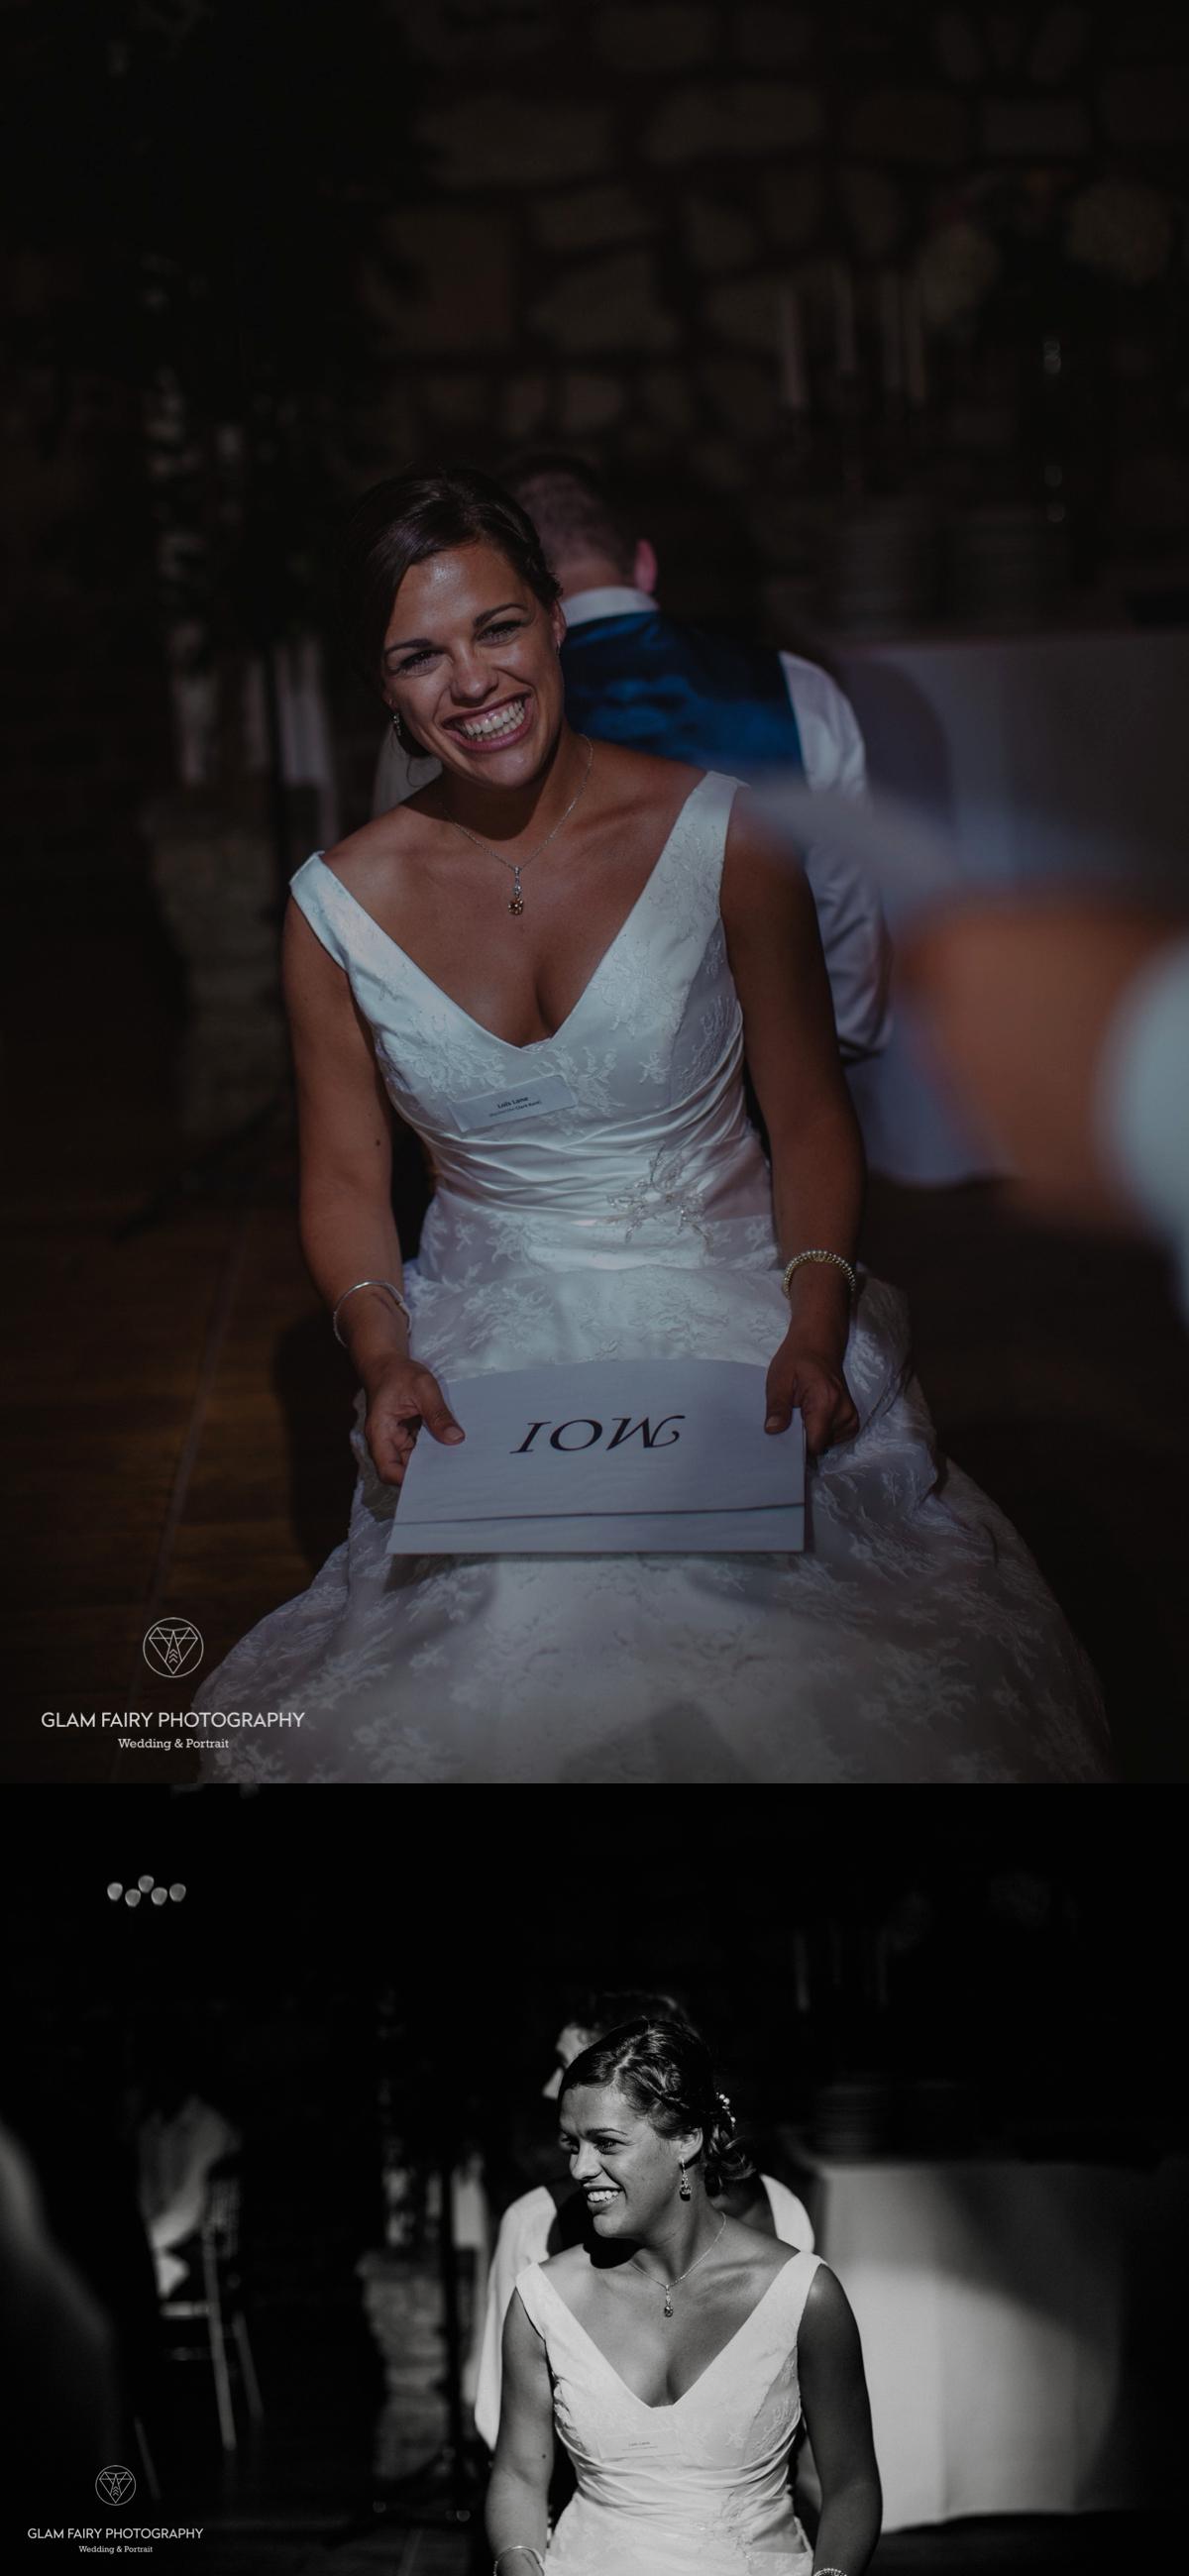 glamfairyphotography-mariage-manoir-de-portejoie-anais_0070